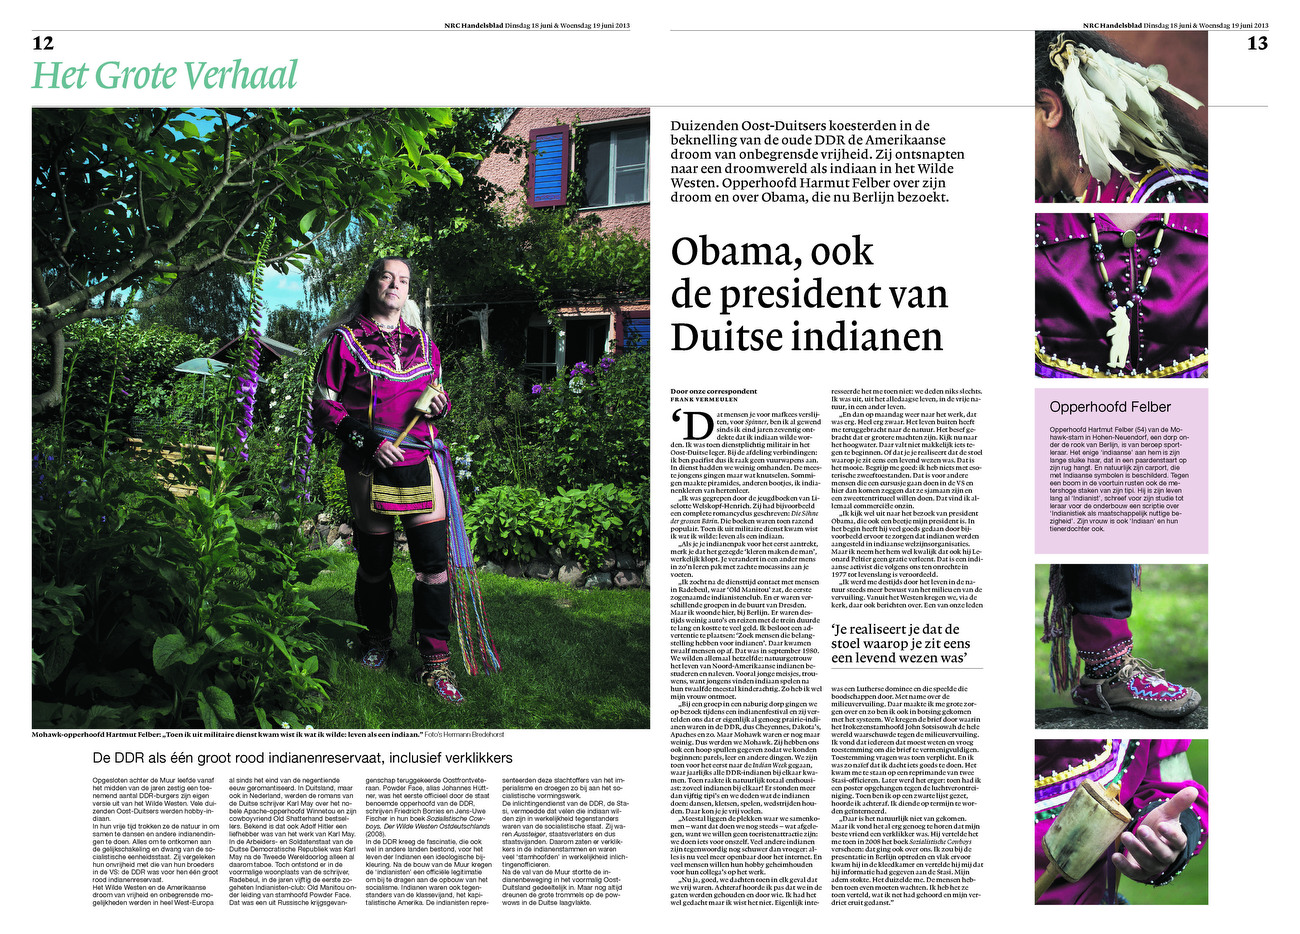 NRC Handelsblad, The Netherlands, 18.06.2013